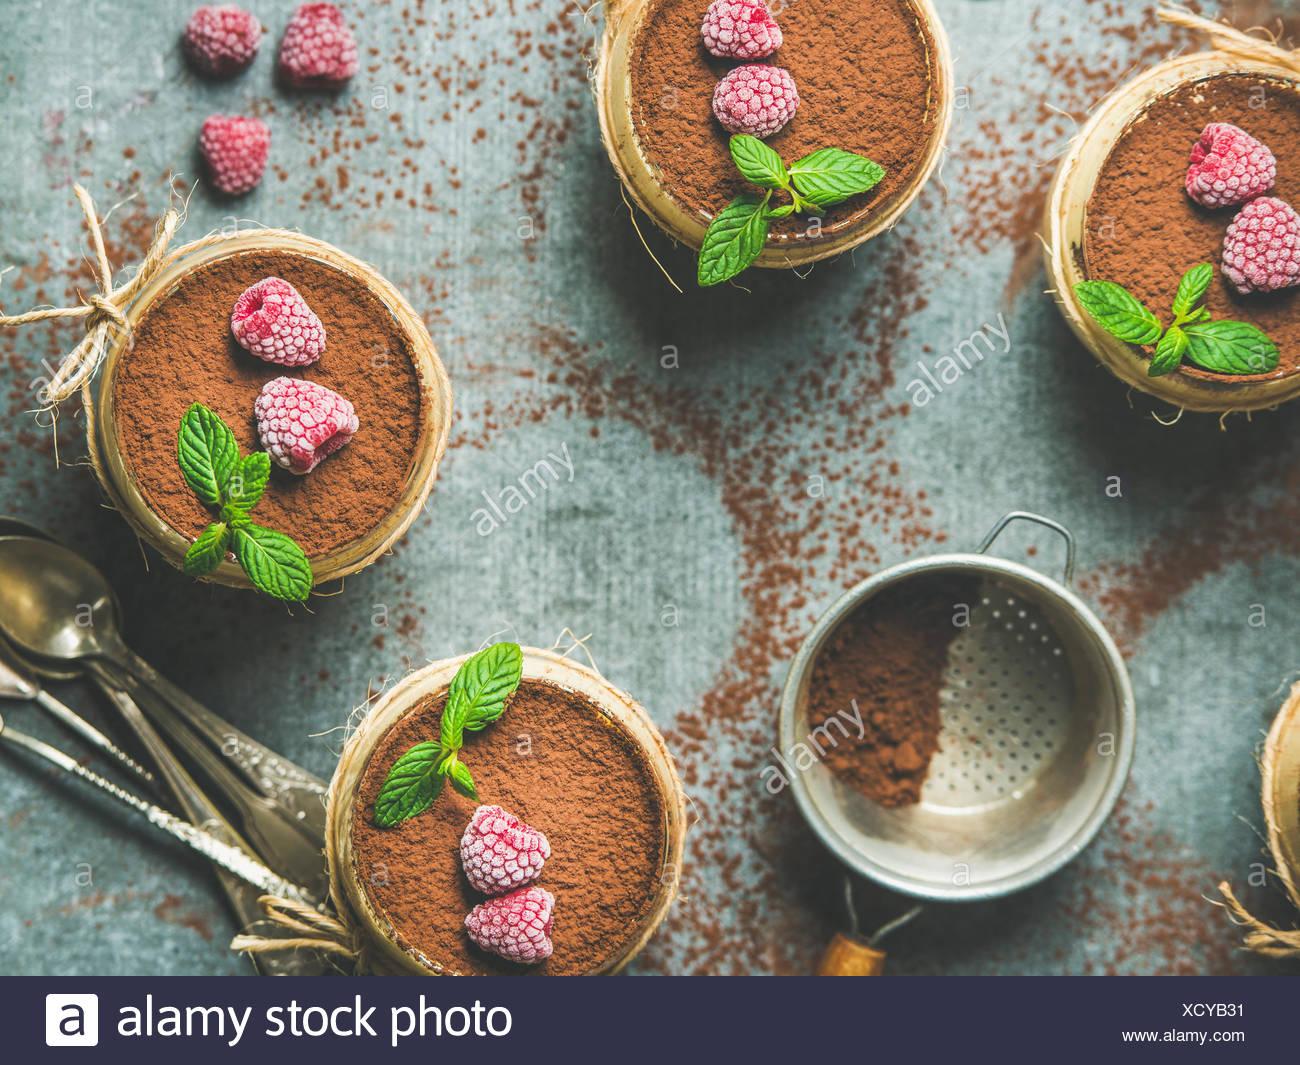 Tiramisu dessert italien fait maison servi dans des verres individuels avec les feuilles de menthe et de poudre de cacao sur fond de béton gris, vue du dessus, les fo Photo Stock